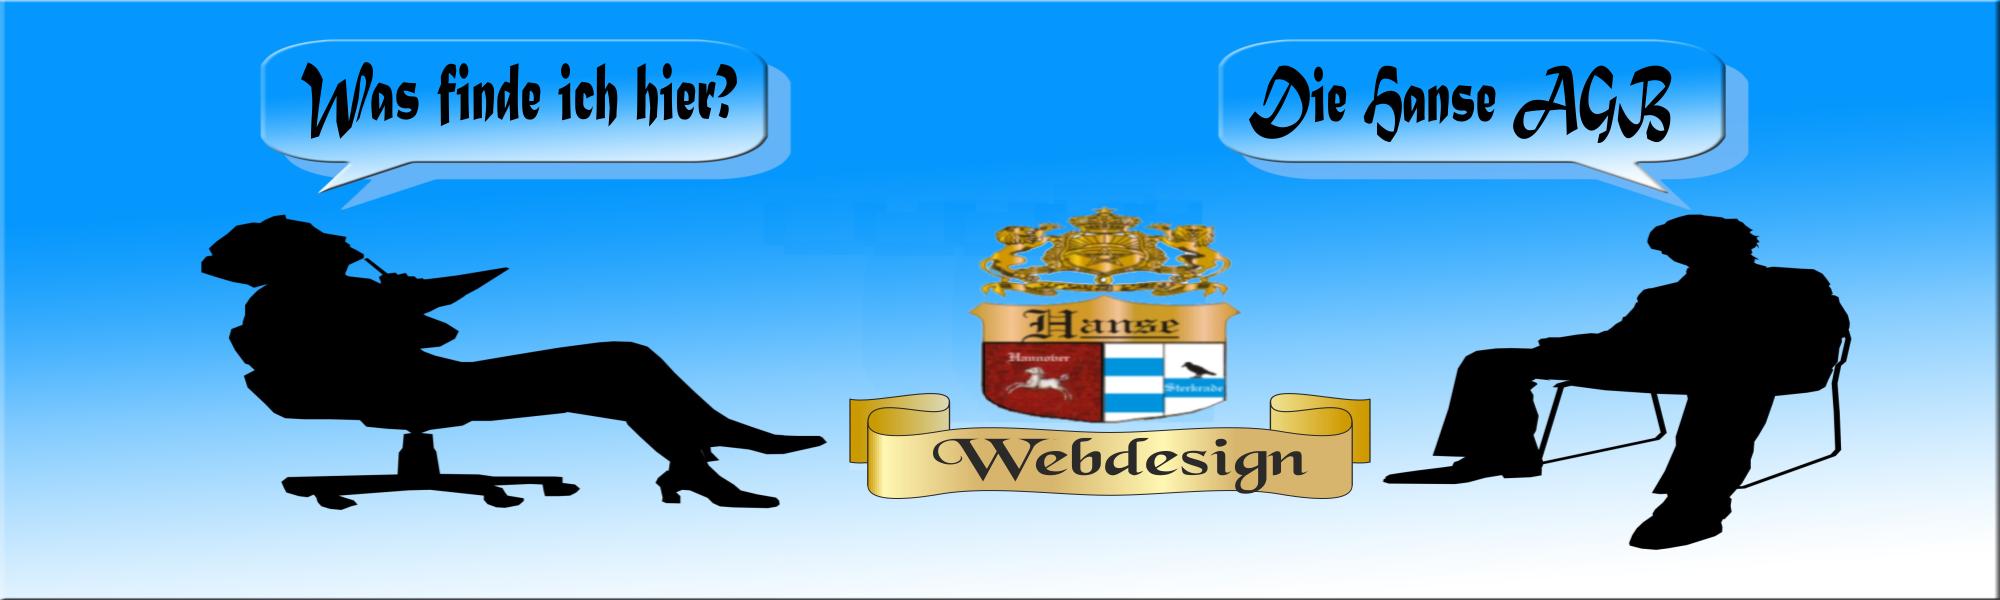 Logo  AGB der Firma Webdesign Hanse Dienstleistungen